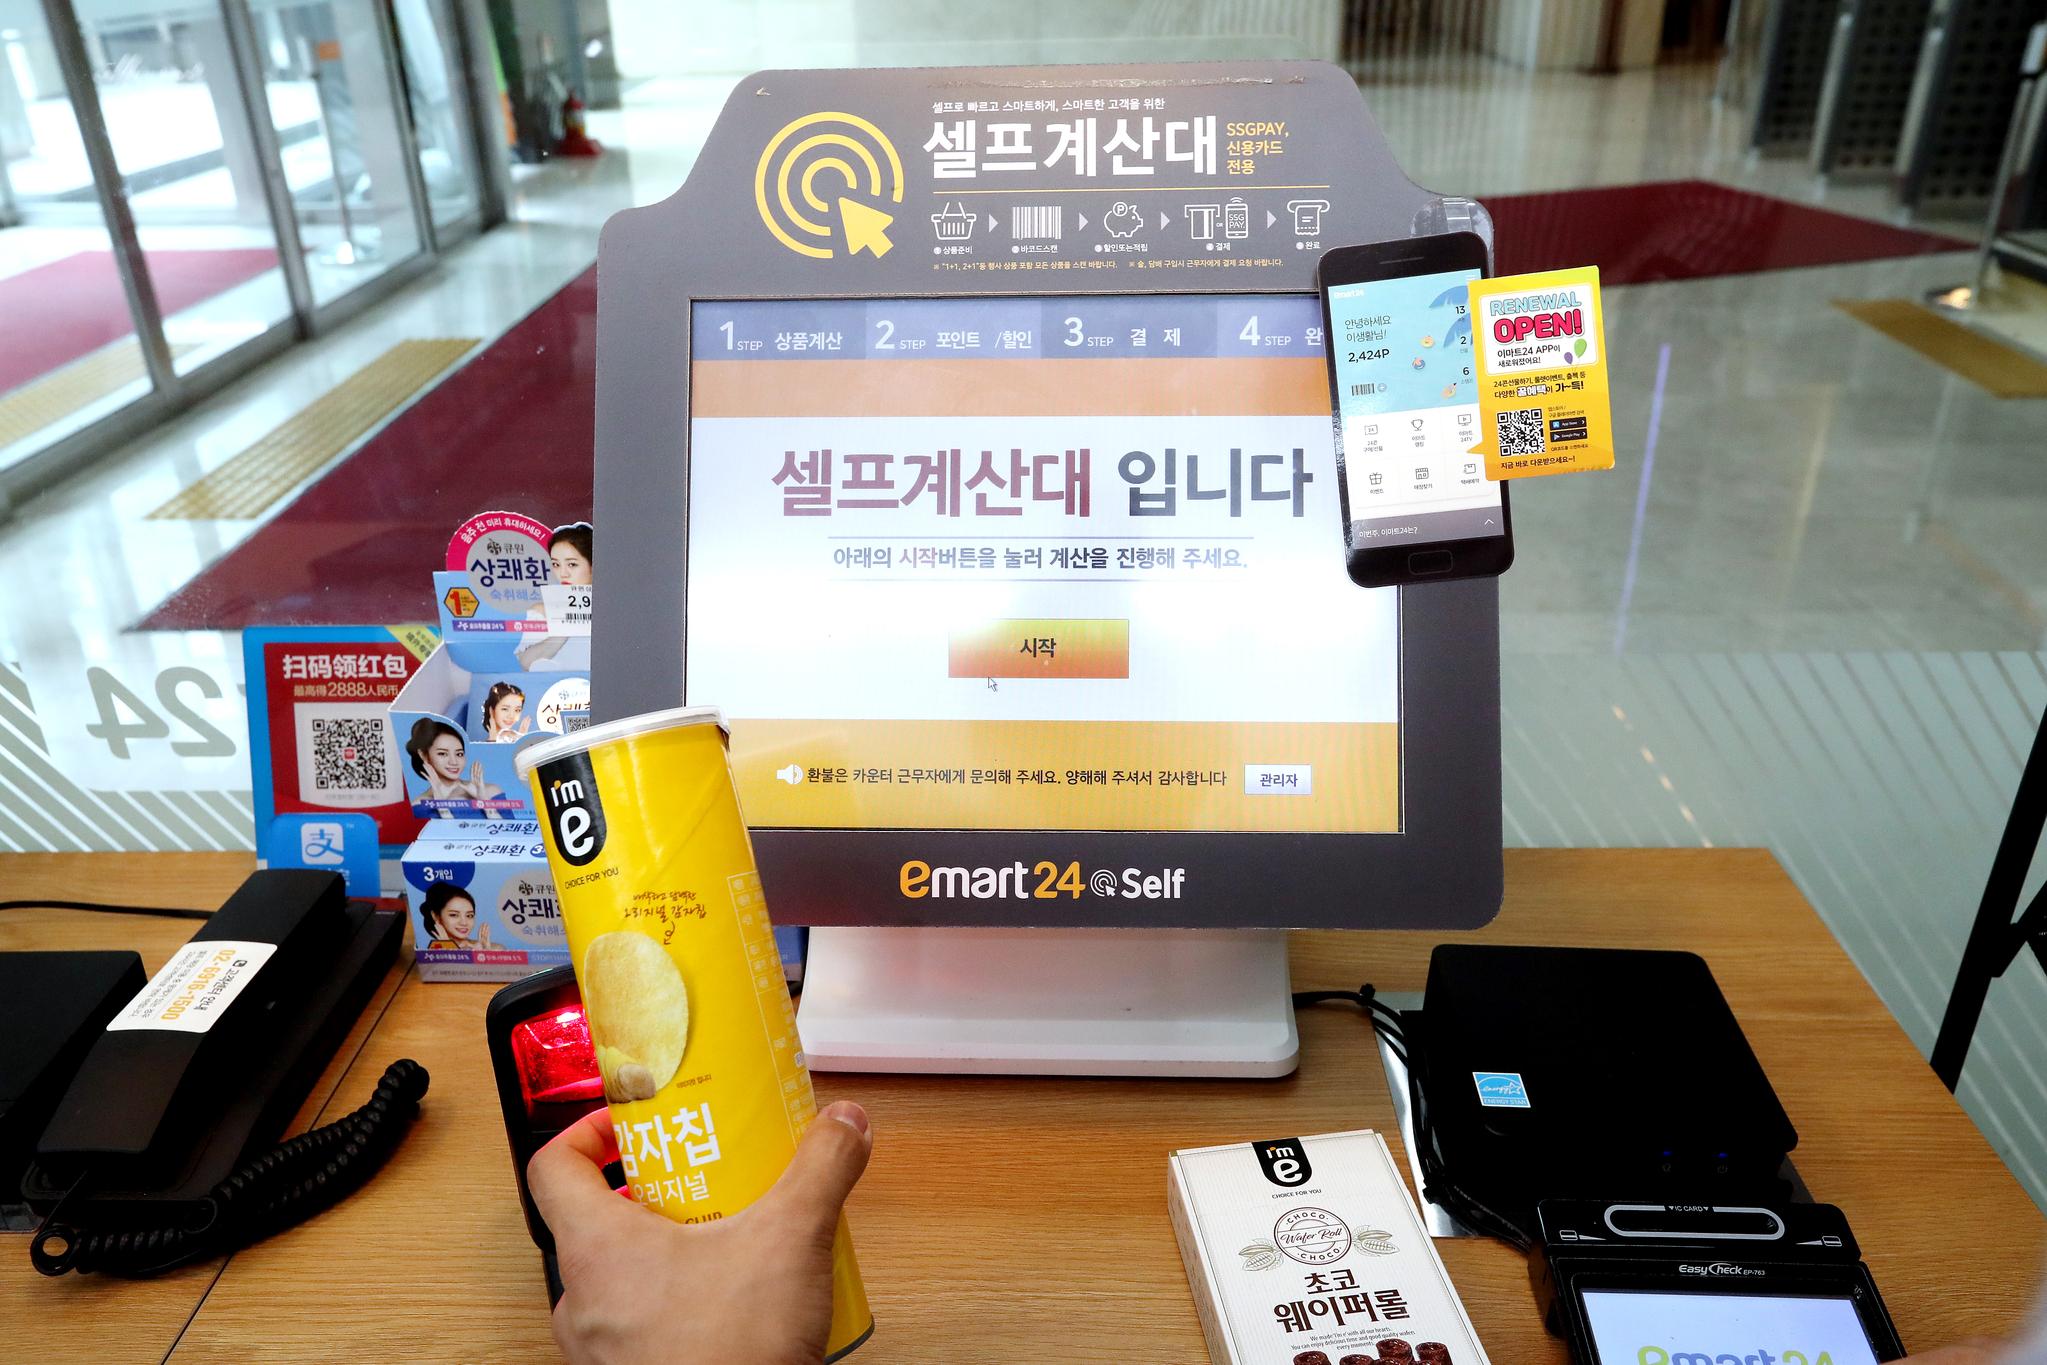 한 이용객이 셀프 계산대에서 바코드를 인식시켜 물품을 계산하고 있다. 우상조 기자